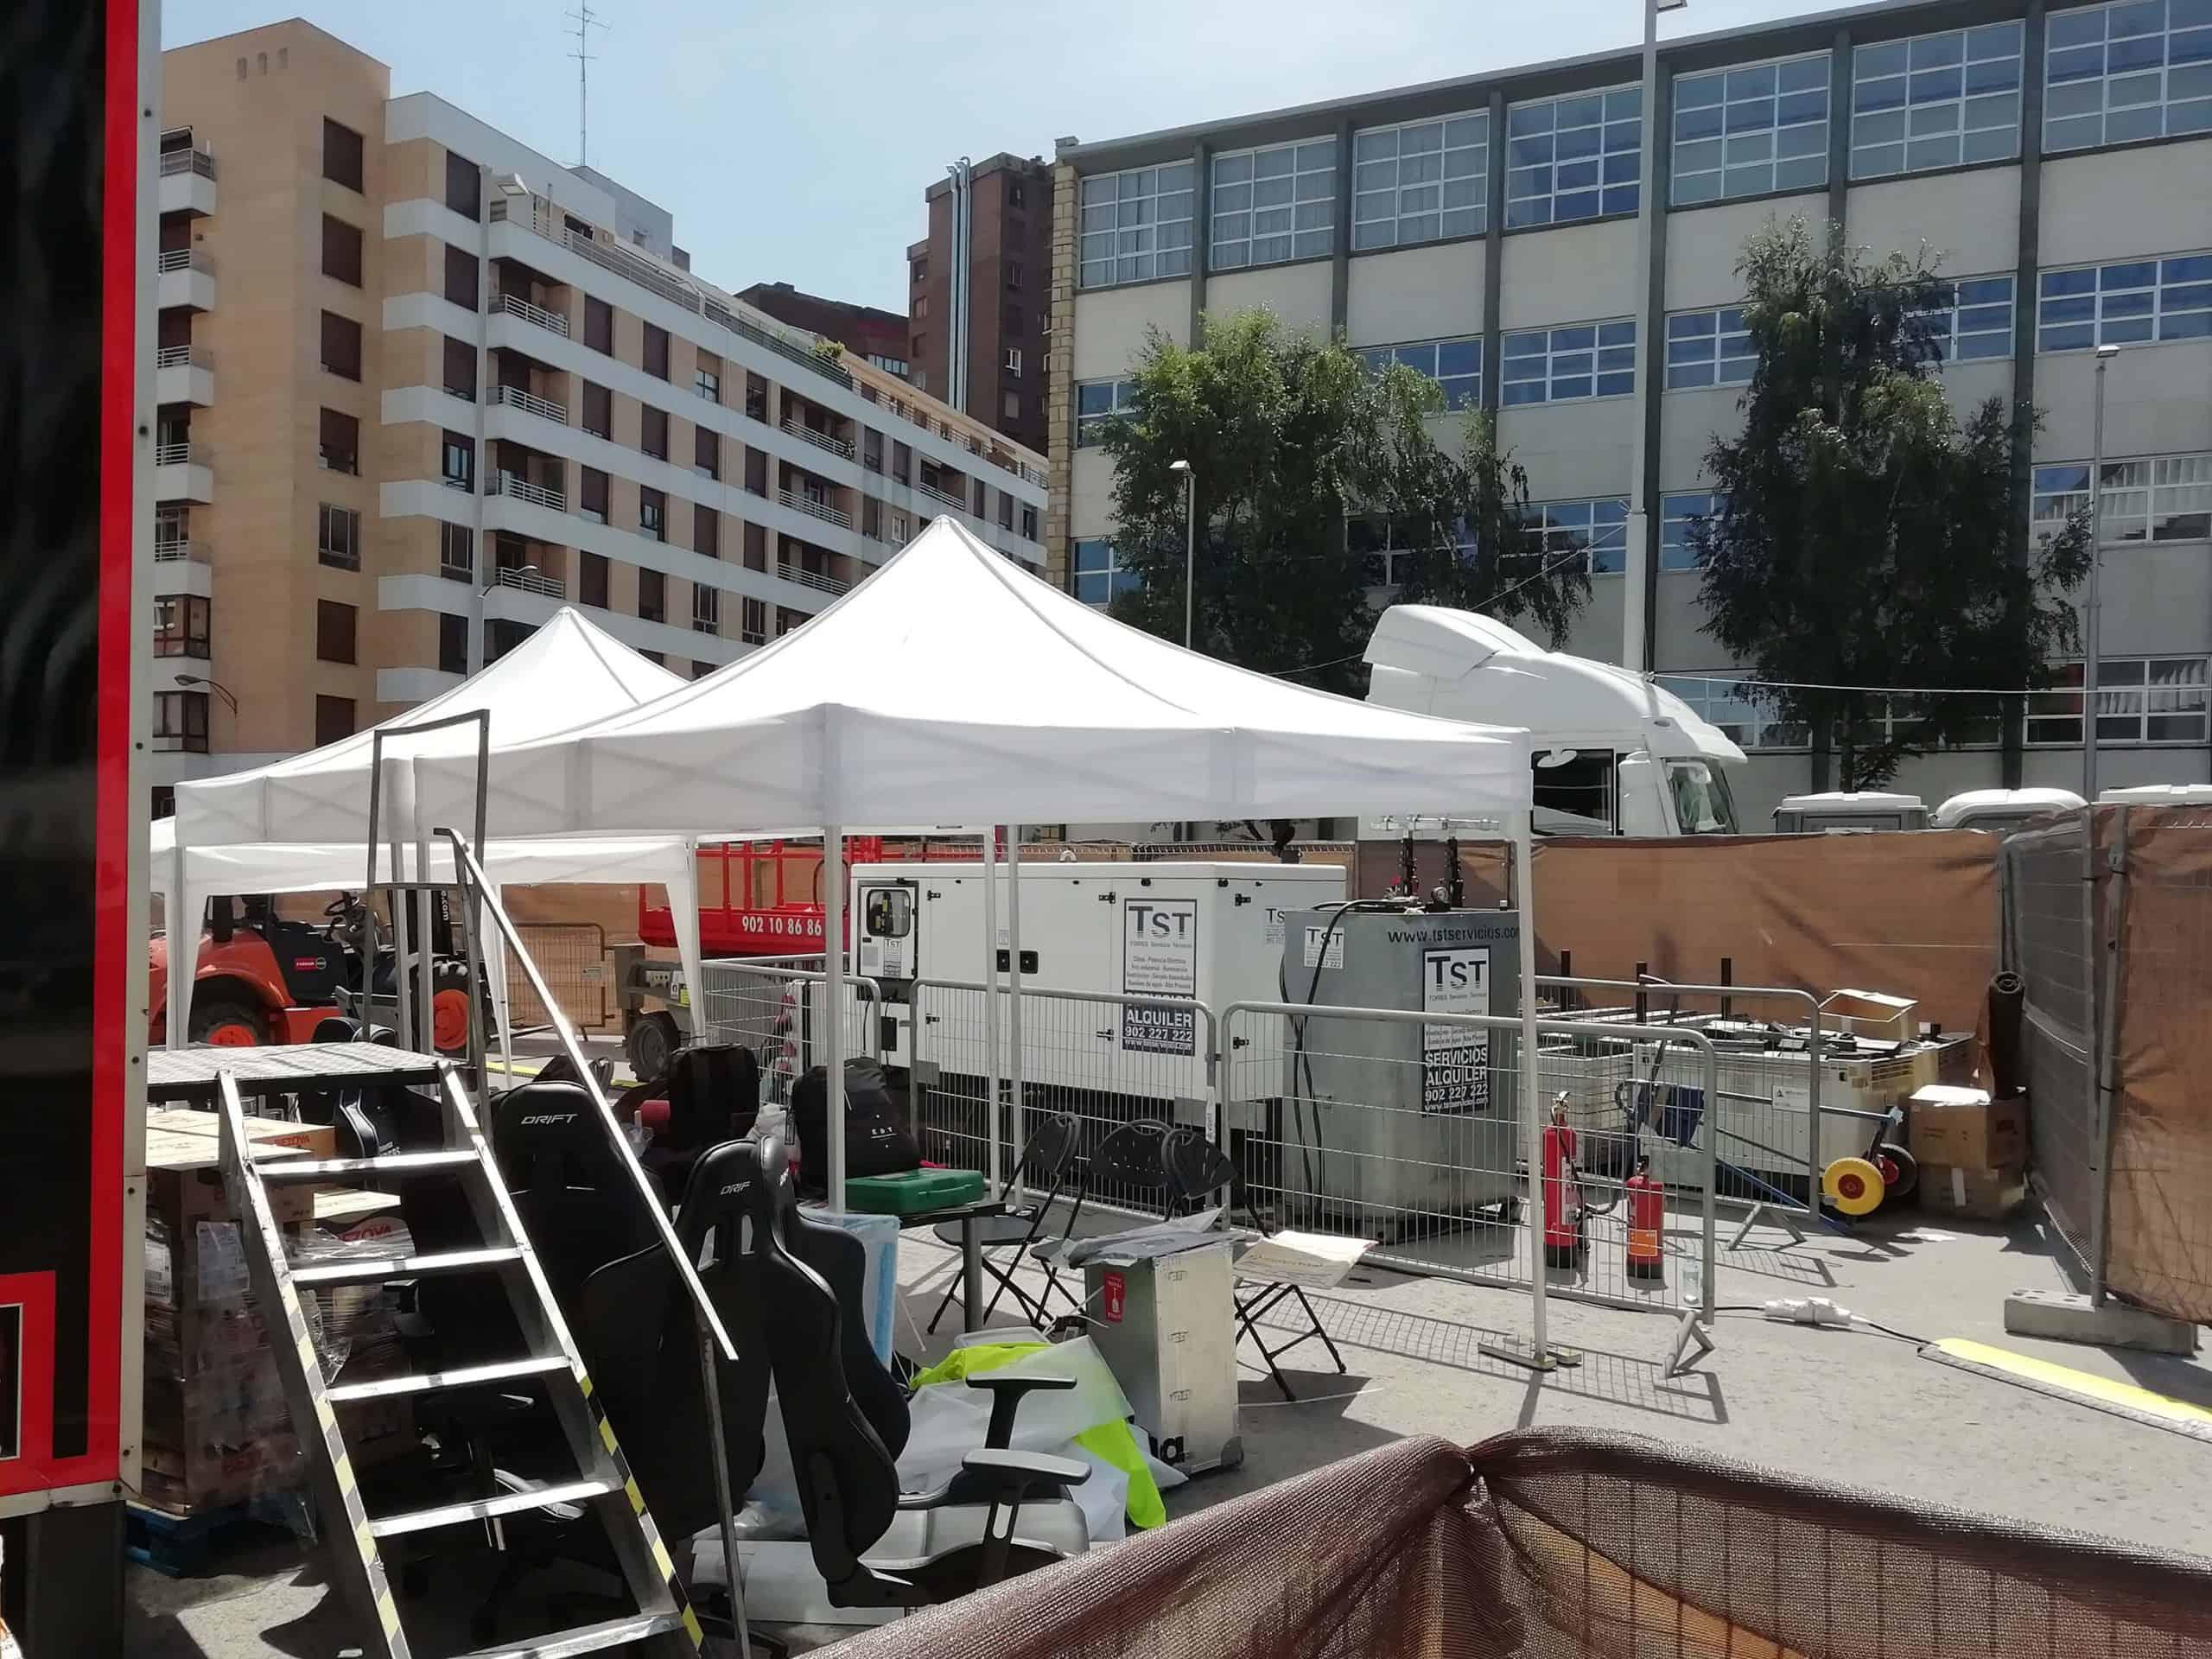 Alquiler generador de energía estadio San Mamés Bilbao